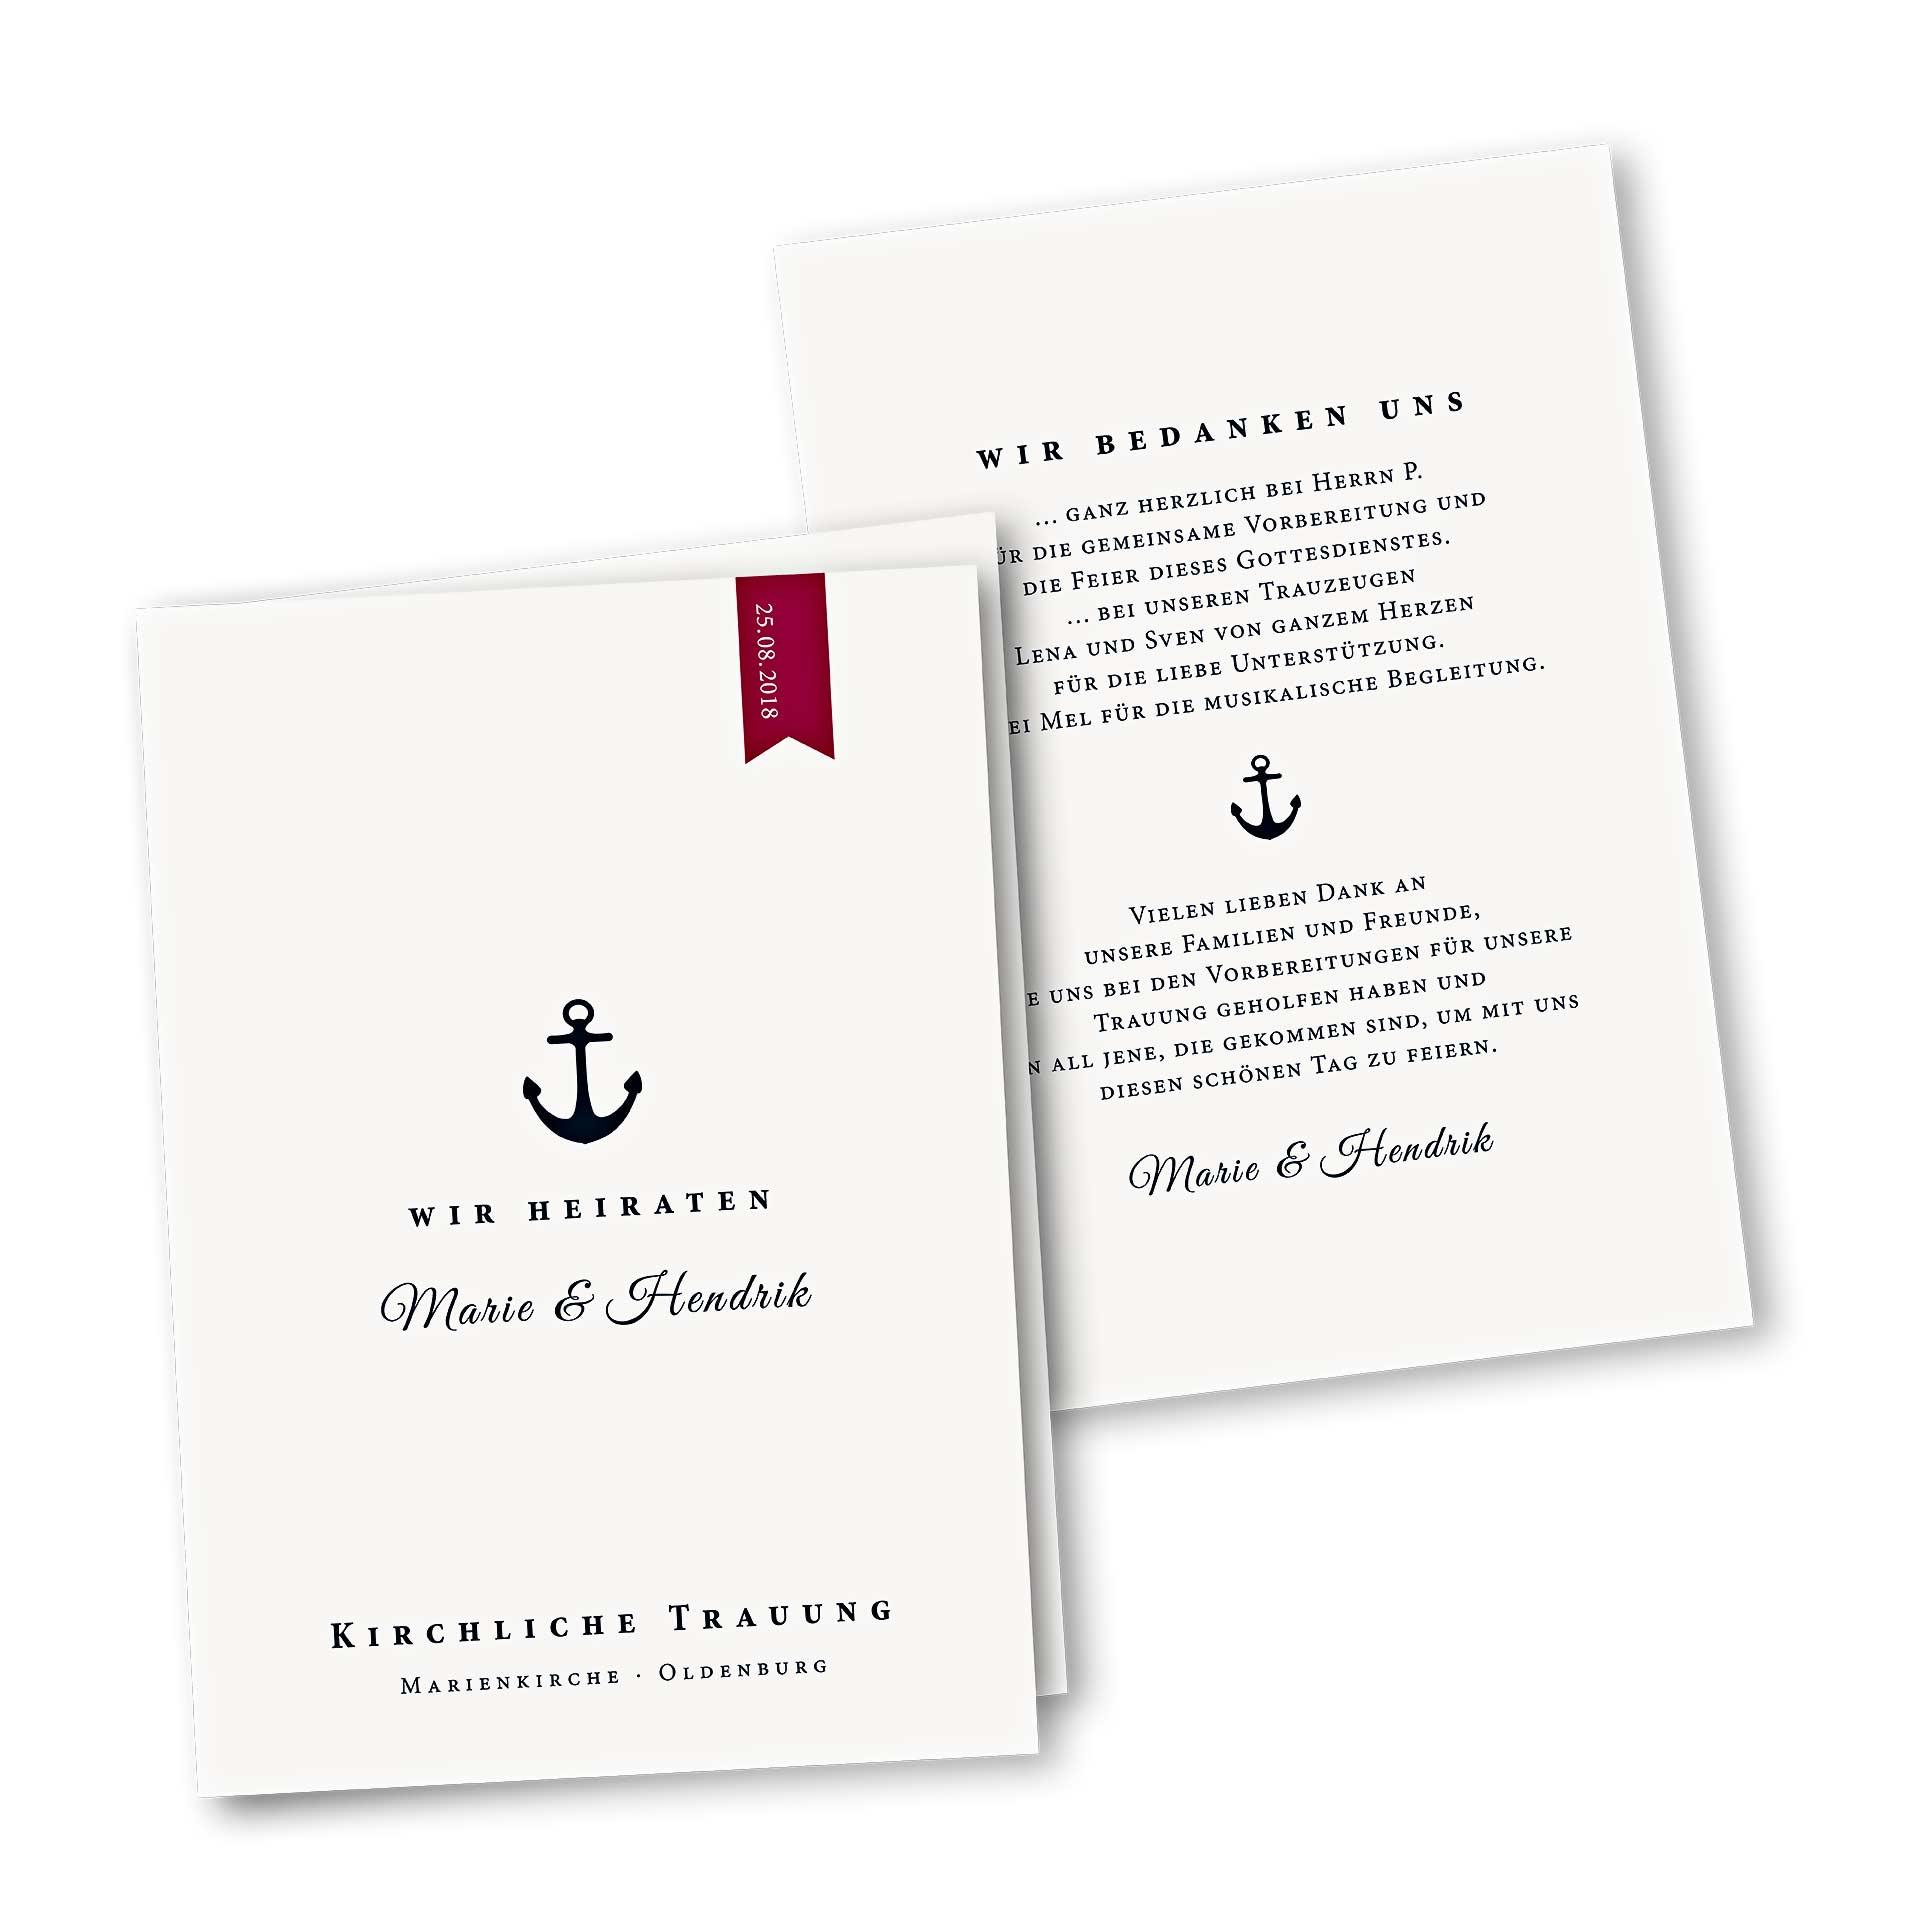 Menükarte – Kartendesign Anker und rotem Wimpel